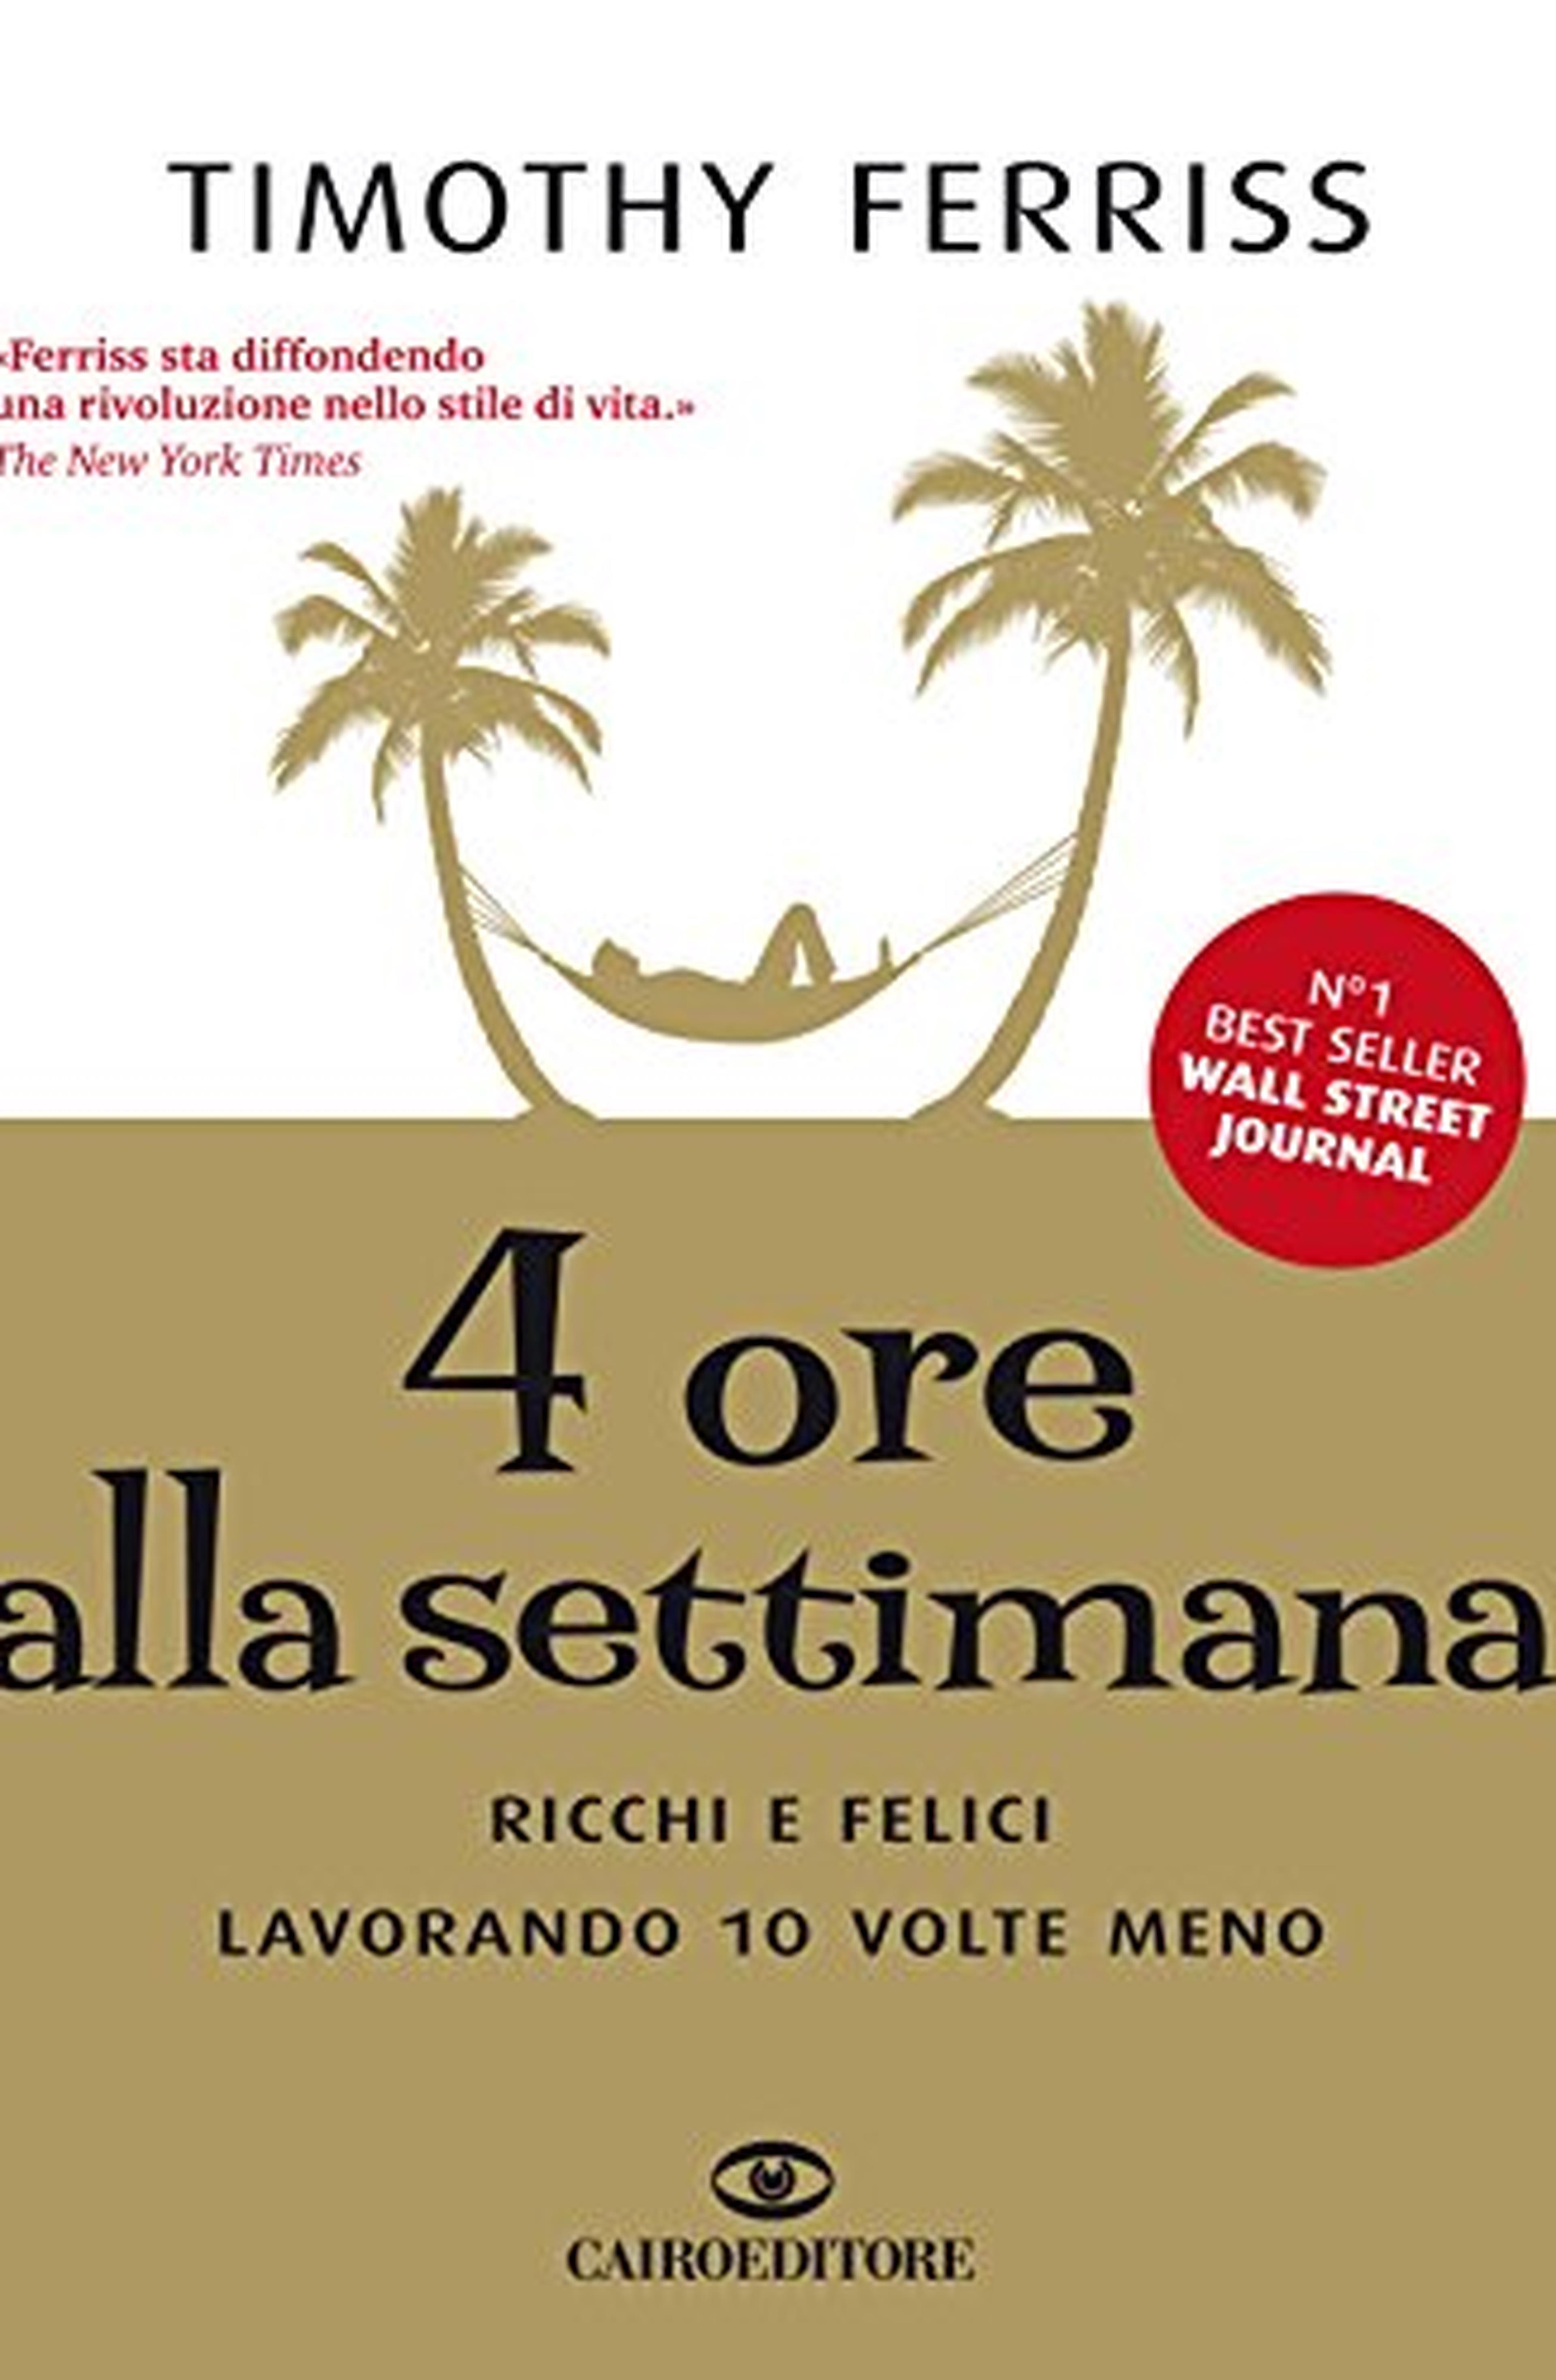 4 ore alla settimana: Ricchi e felici lavorando 10 volte meno (I libri di Tim Ferriss Vol. 1)